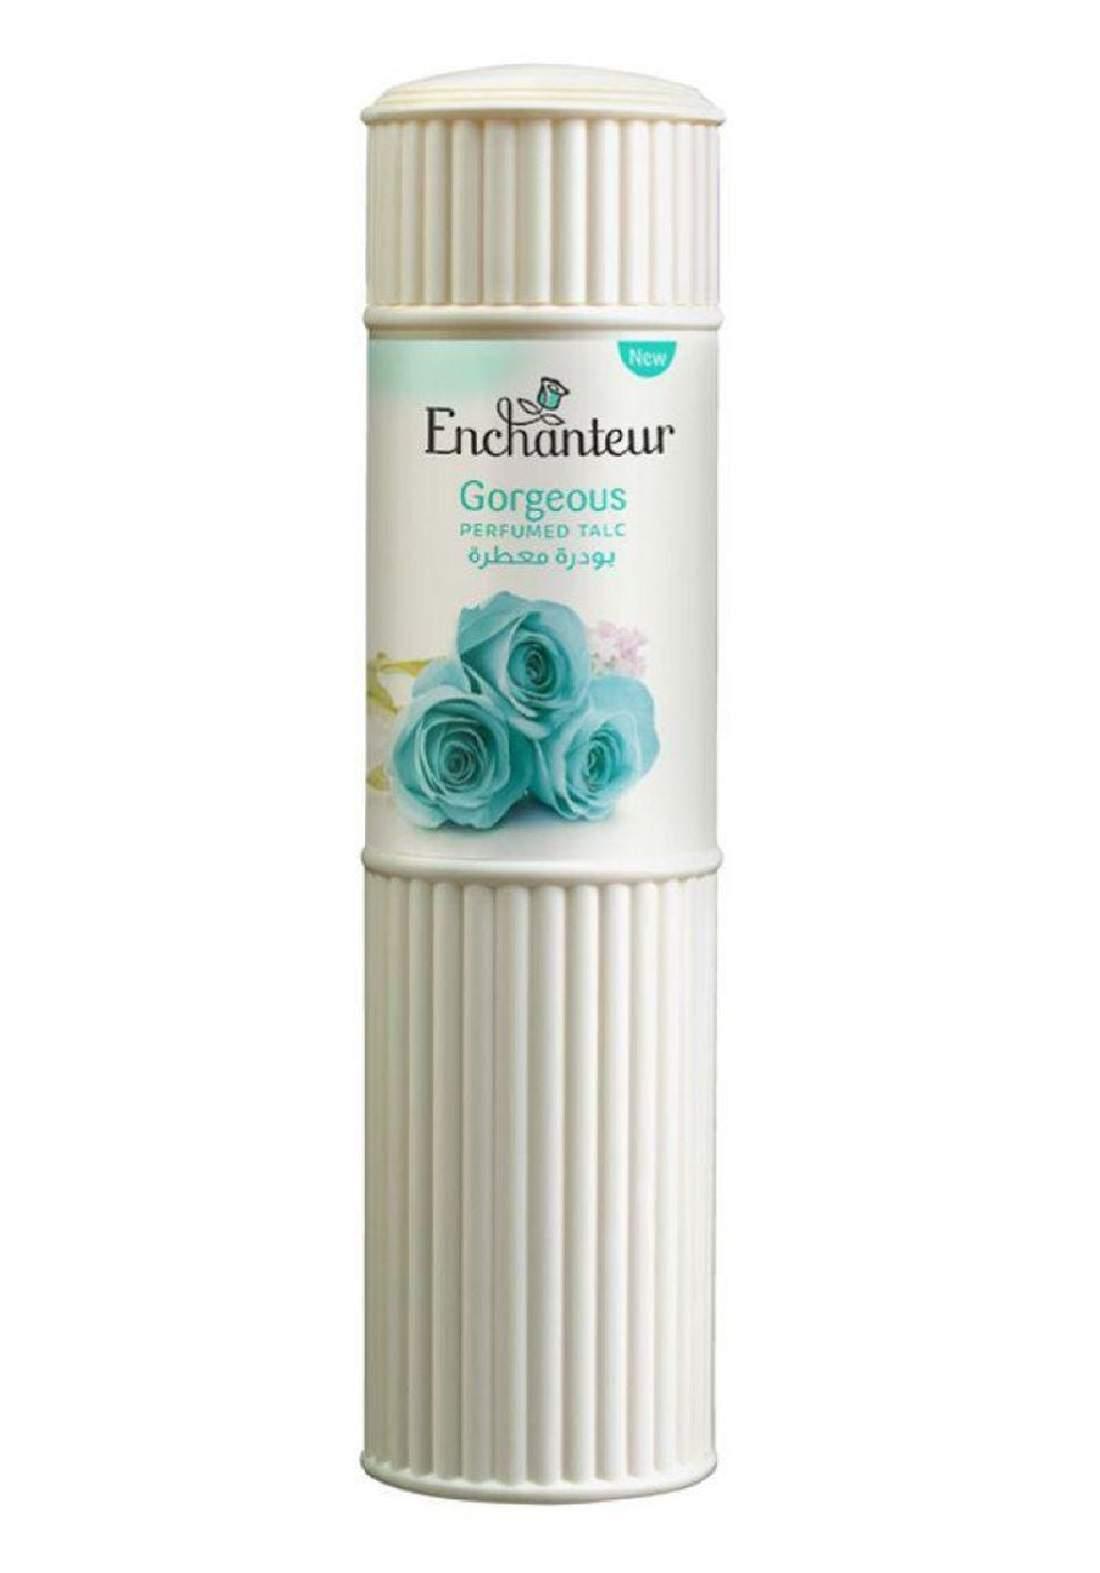 Enchanteur Gorgeous Perfumed Talc 250g بودرة للجسم